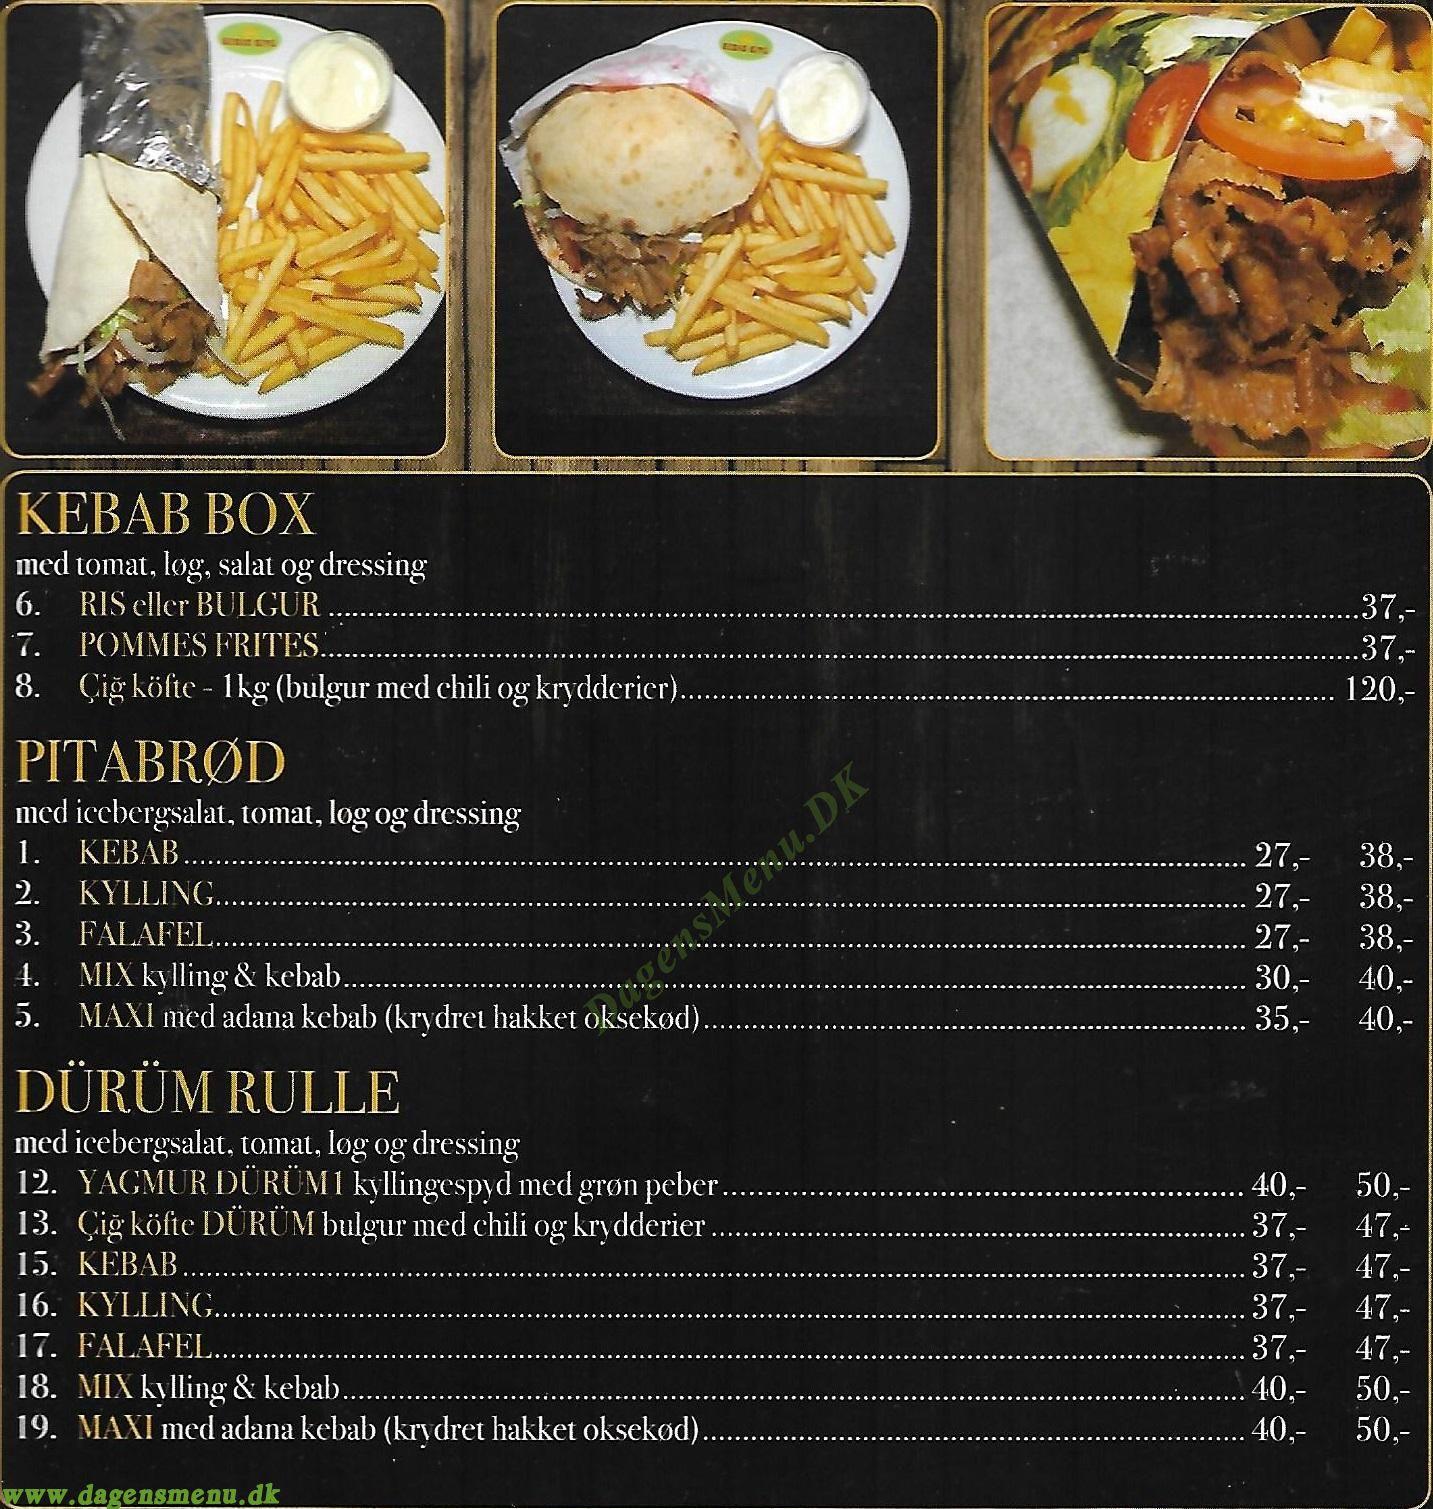 Kebab King - Menukort